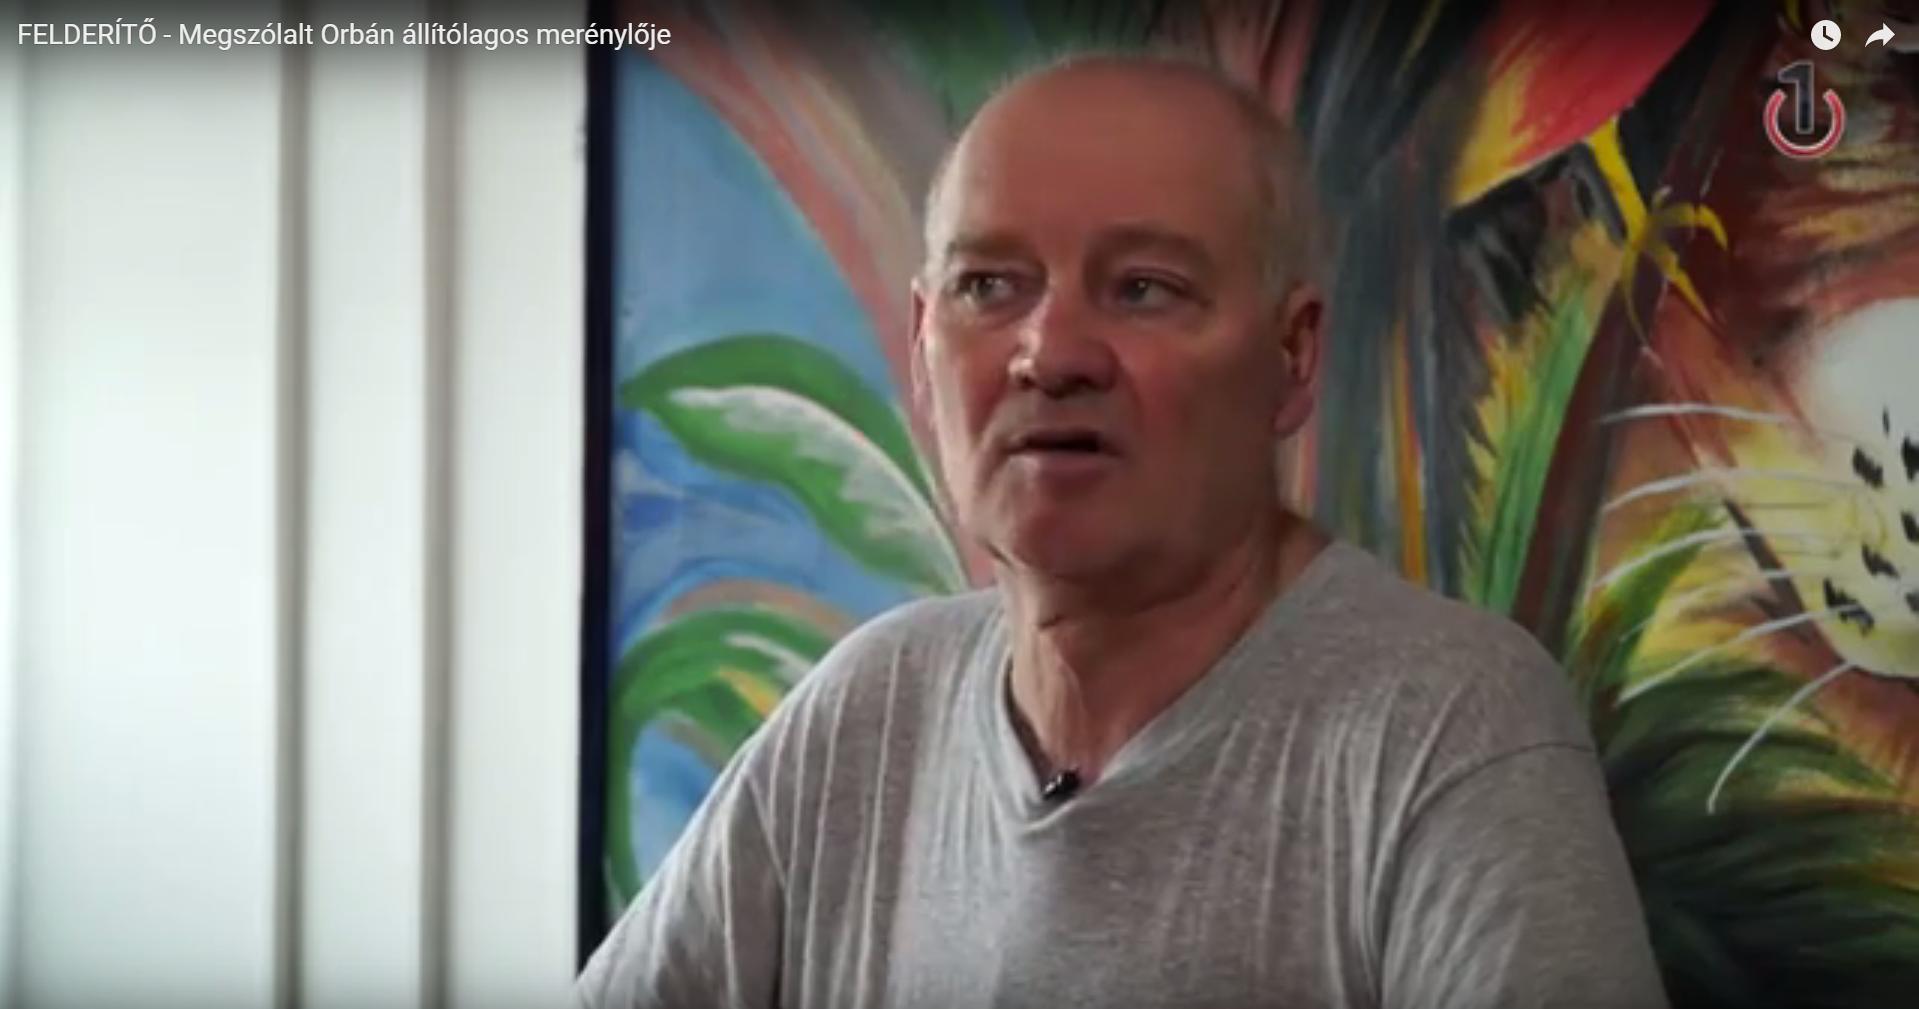 Interjút adott a börtönben Brózman Gyula, aki állítólag meg akarta ölni Orbán Viktort